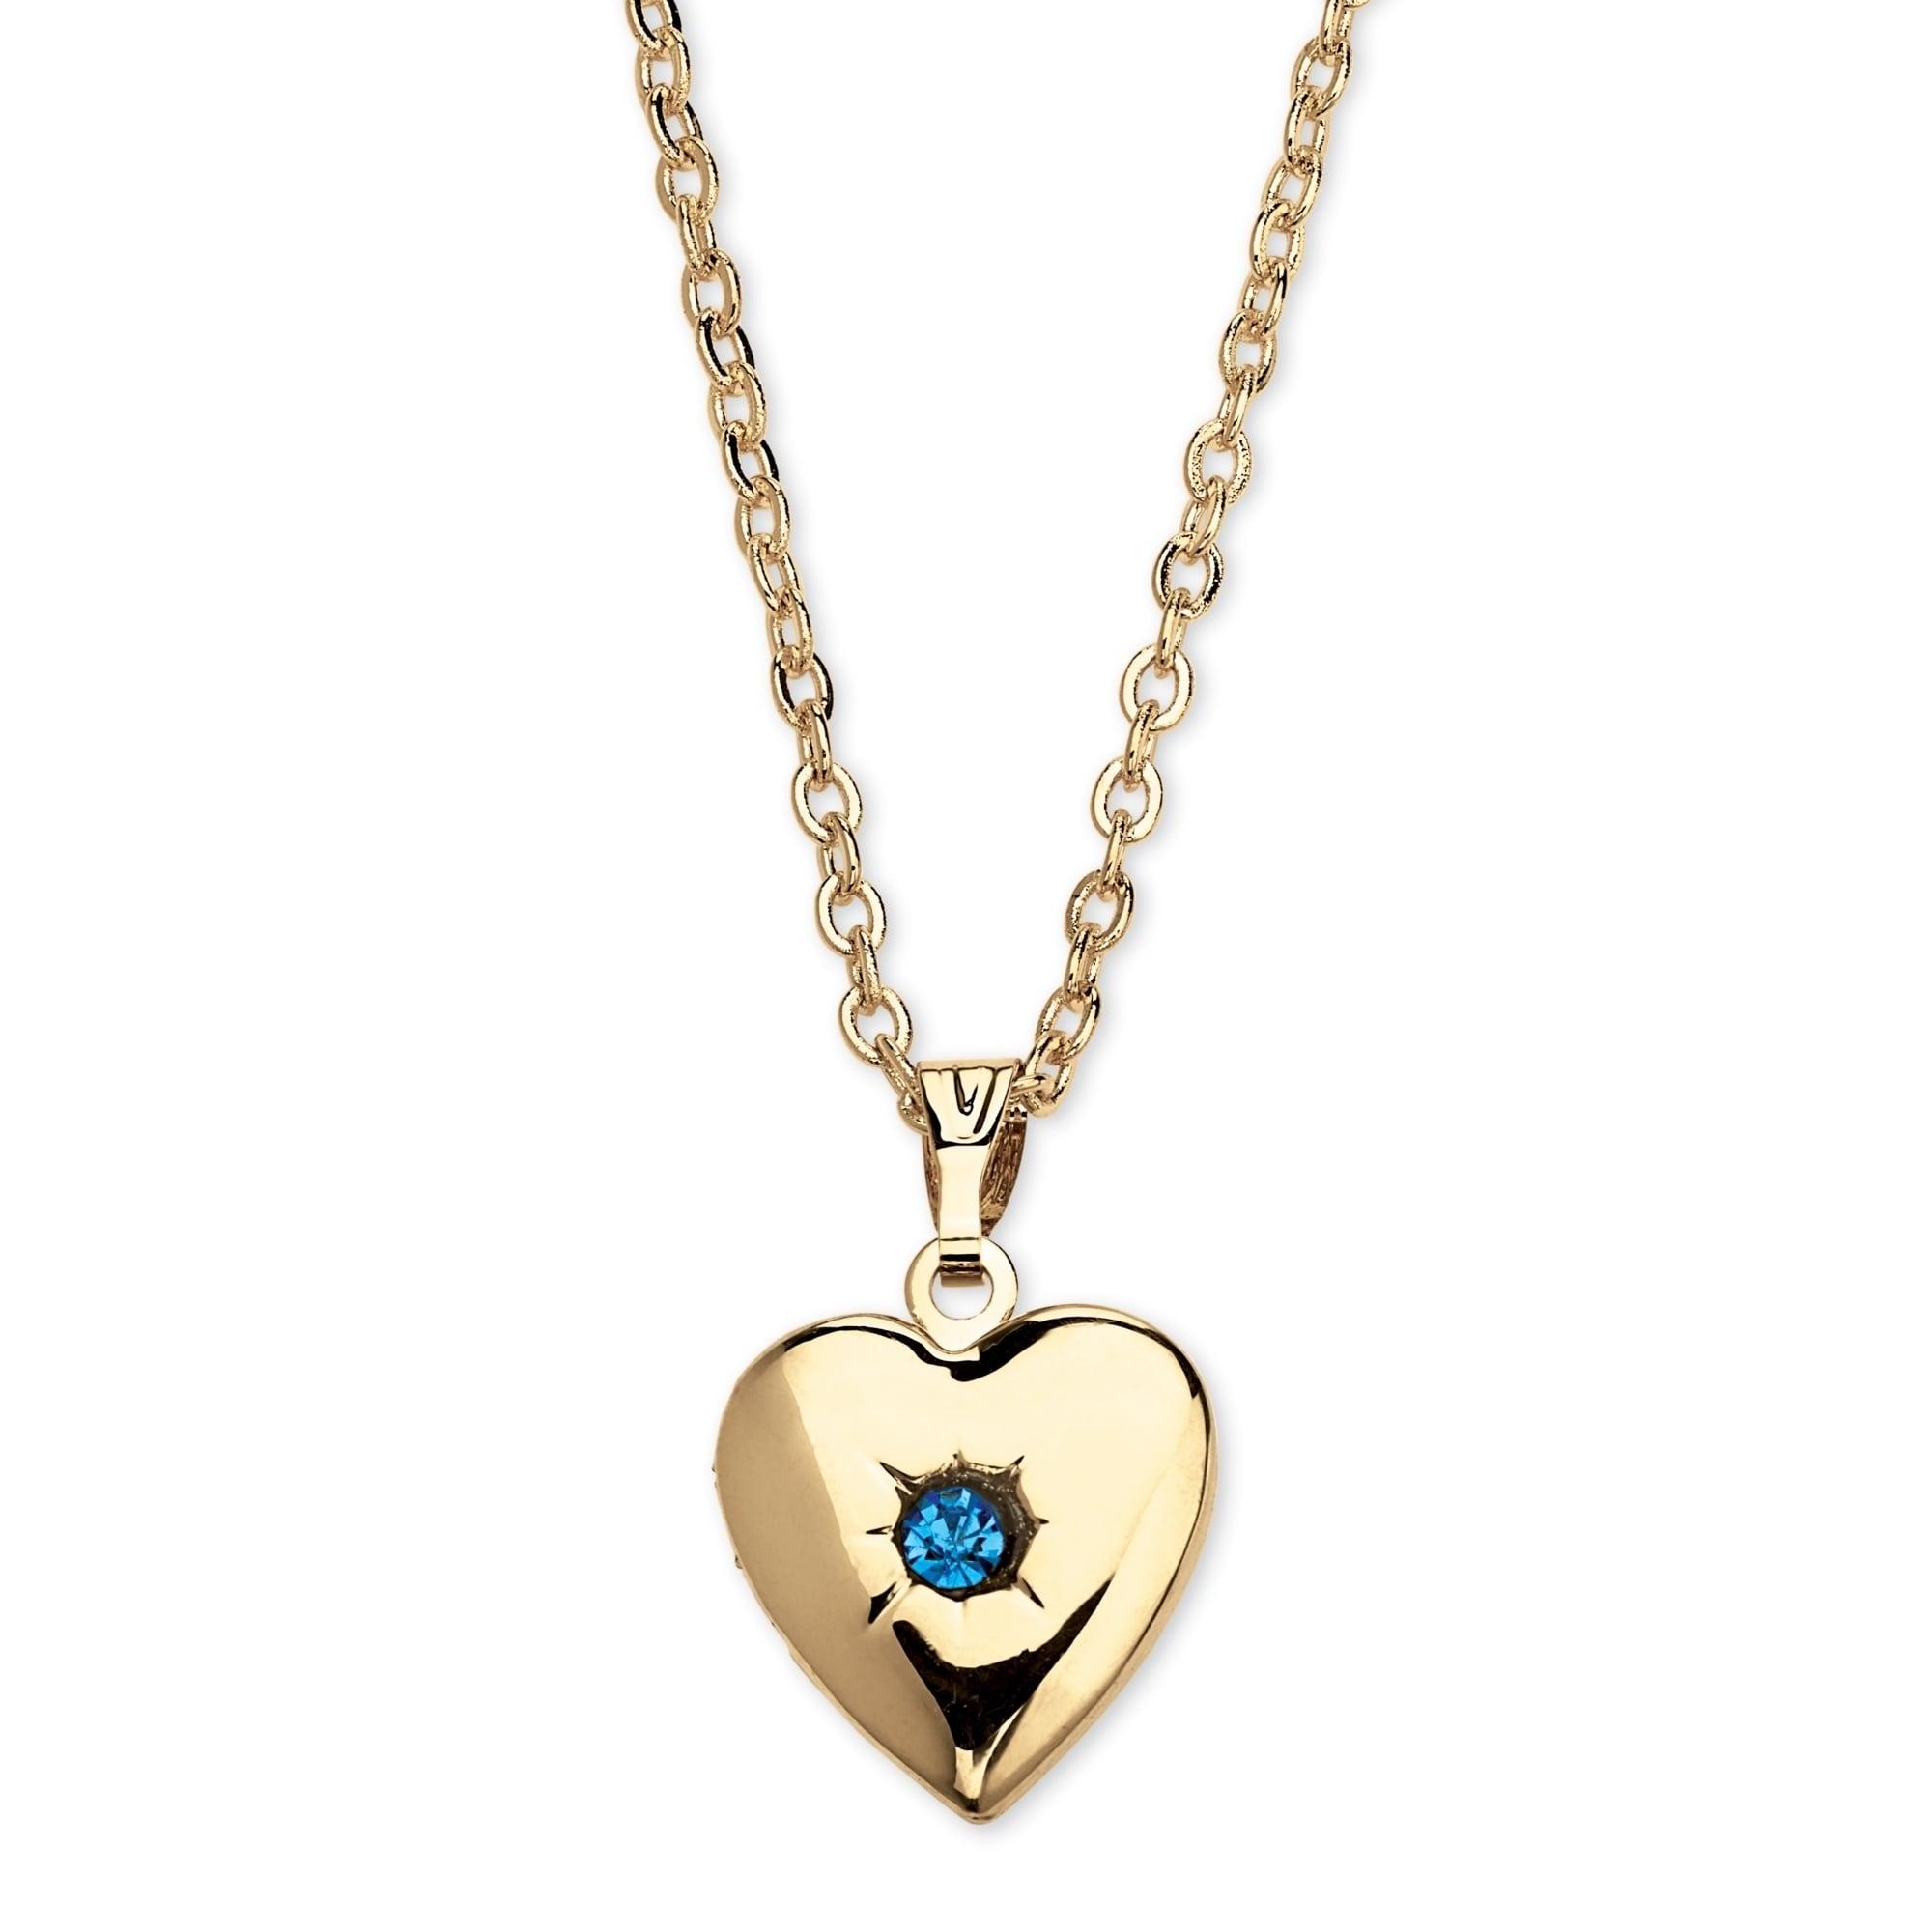 Flower 3D Open Love Gift NEW Filigree Heart Pendant 925 Sterling Silver